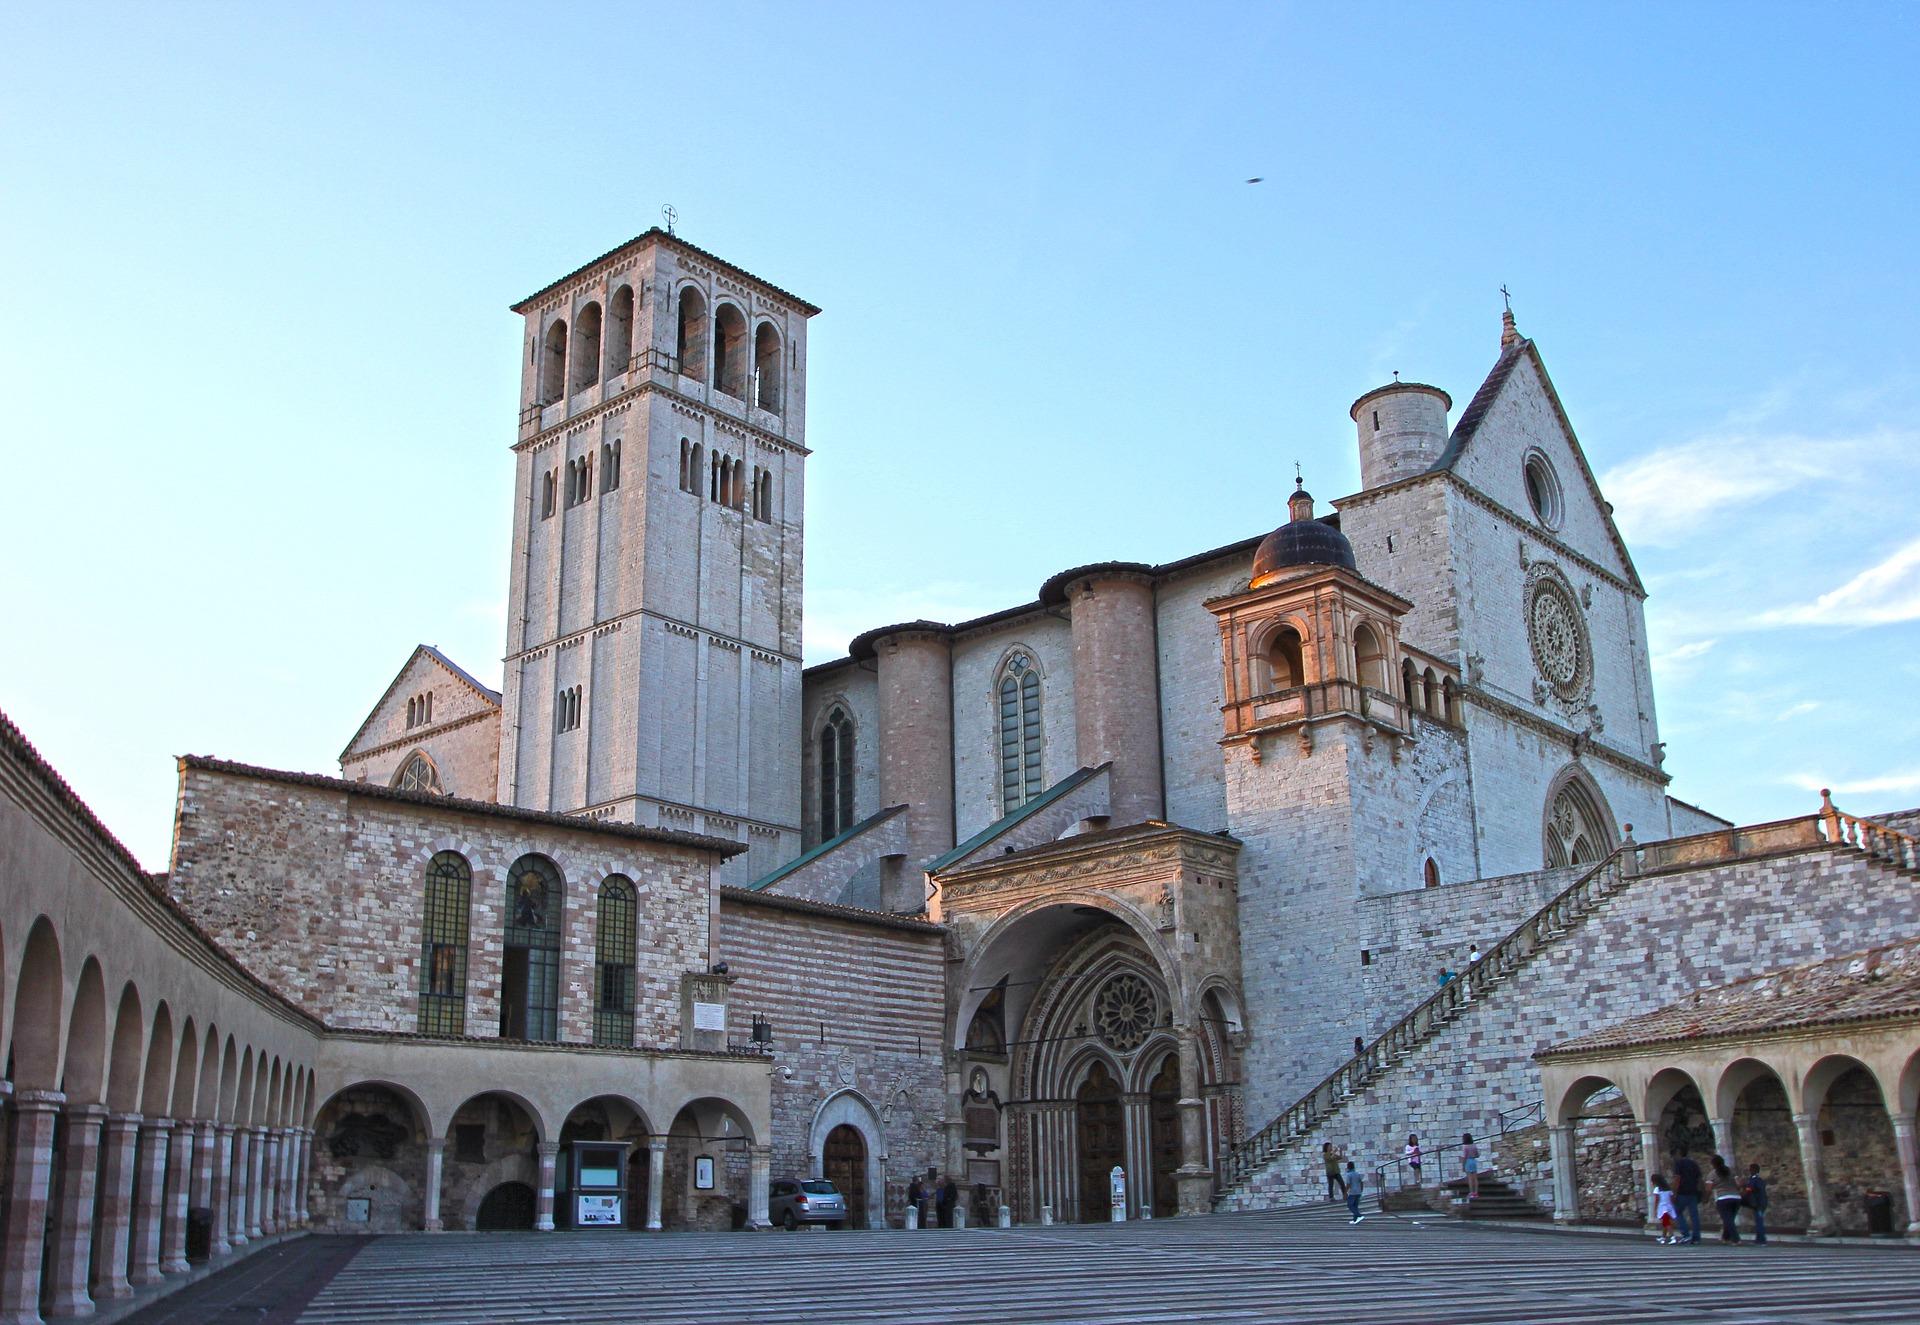 Basilica of St Francesco, Assisi, Umbria